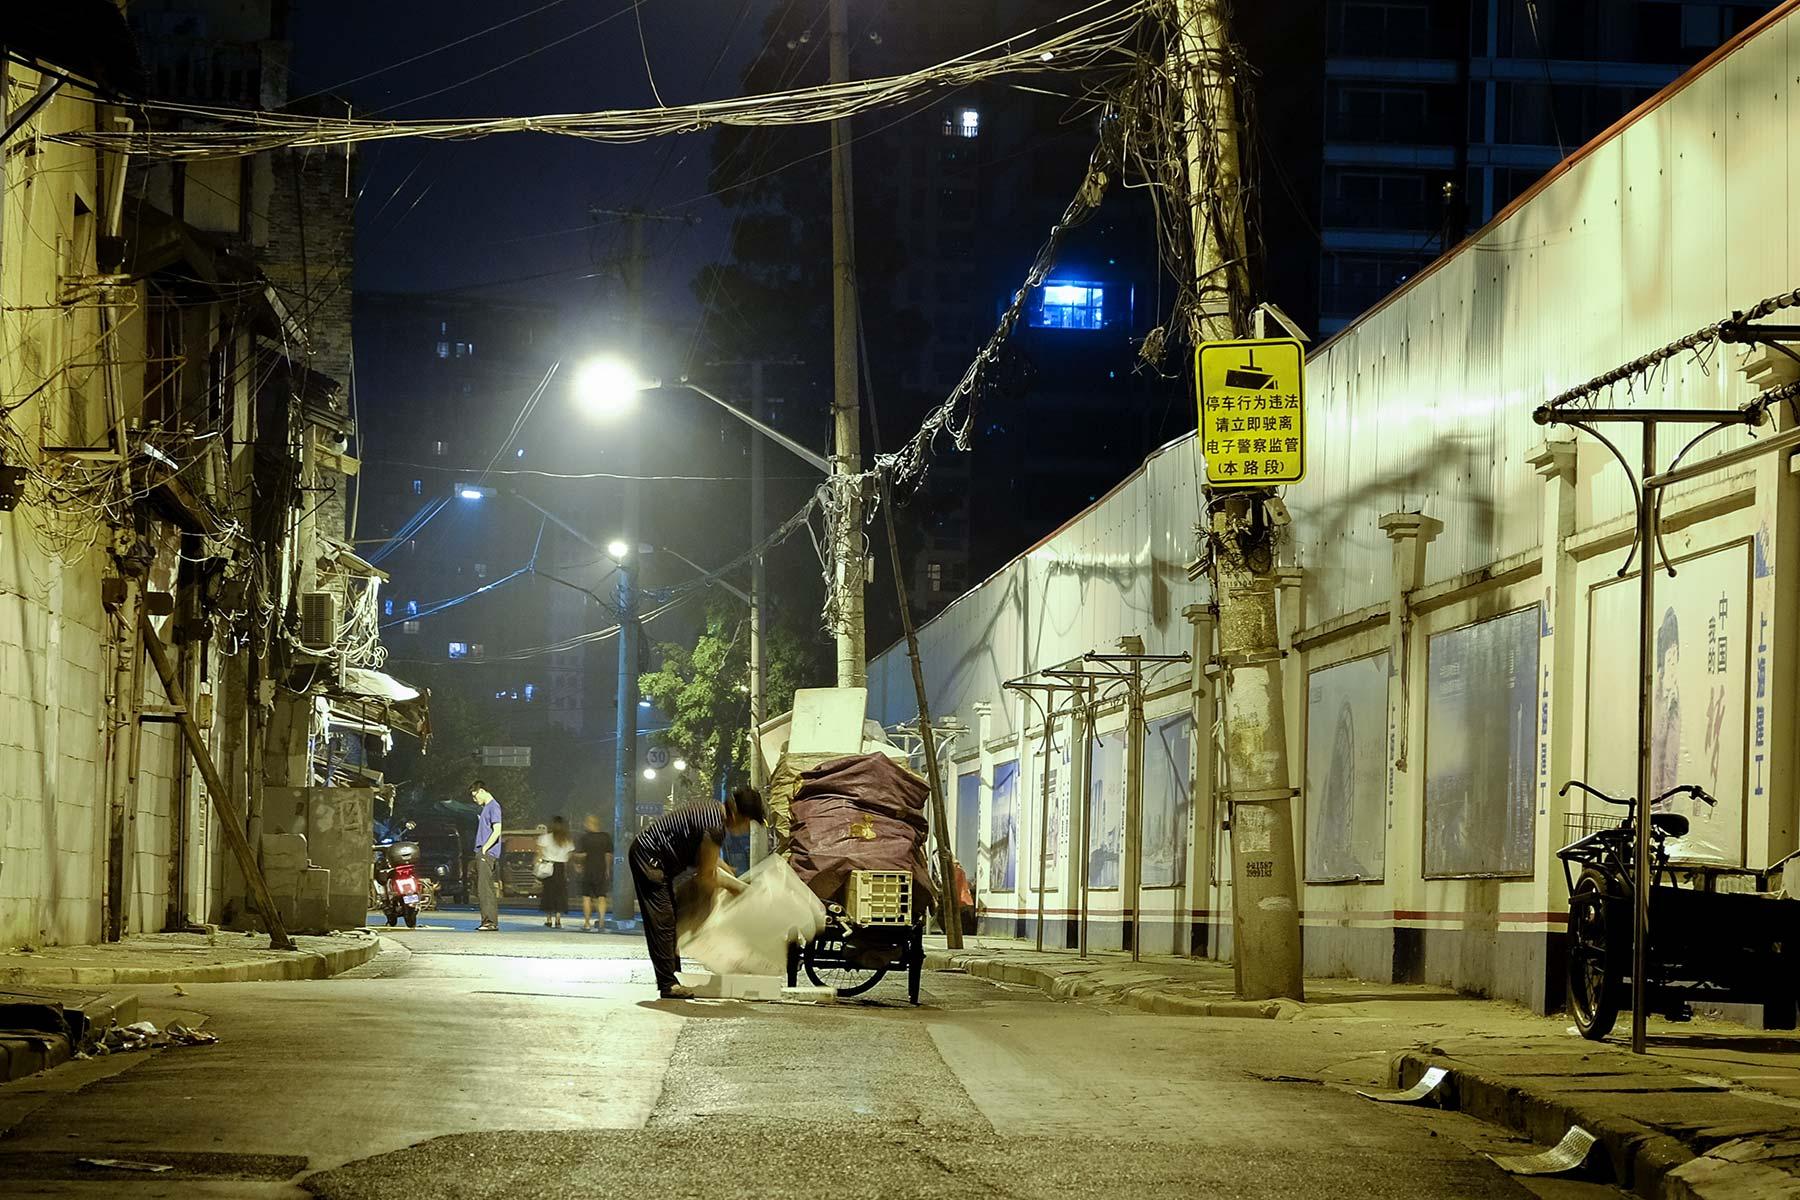 Frau sammelt Müll zum Recyclen bei Nacht in Shanghai Altstadt